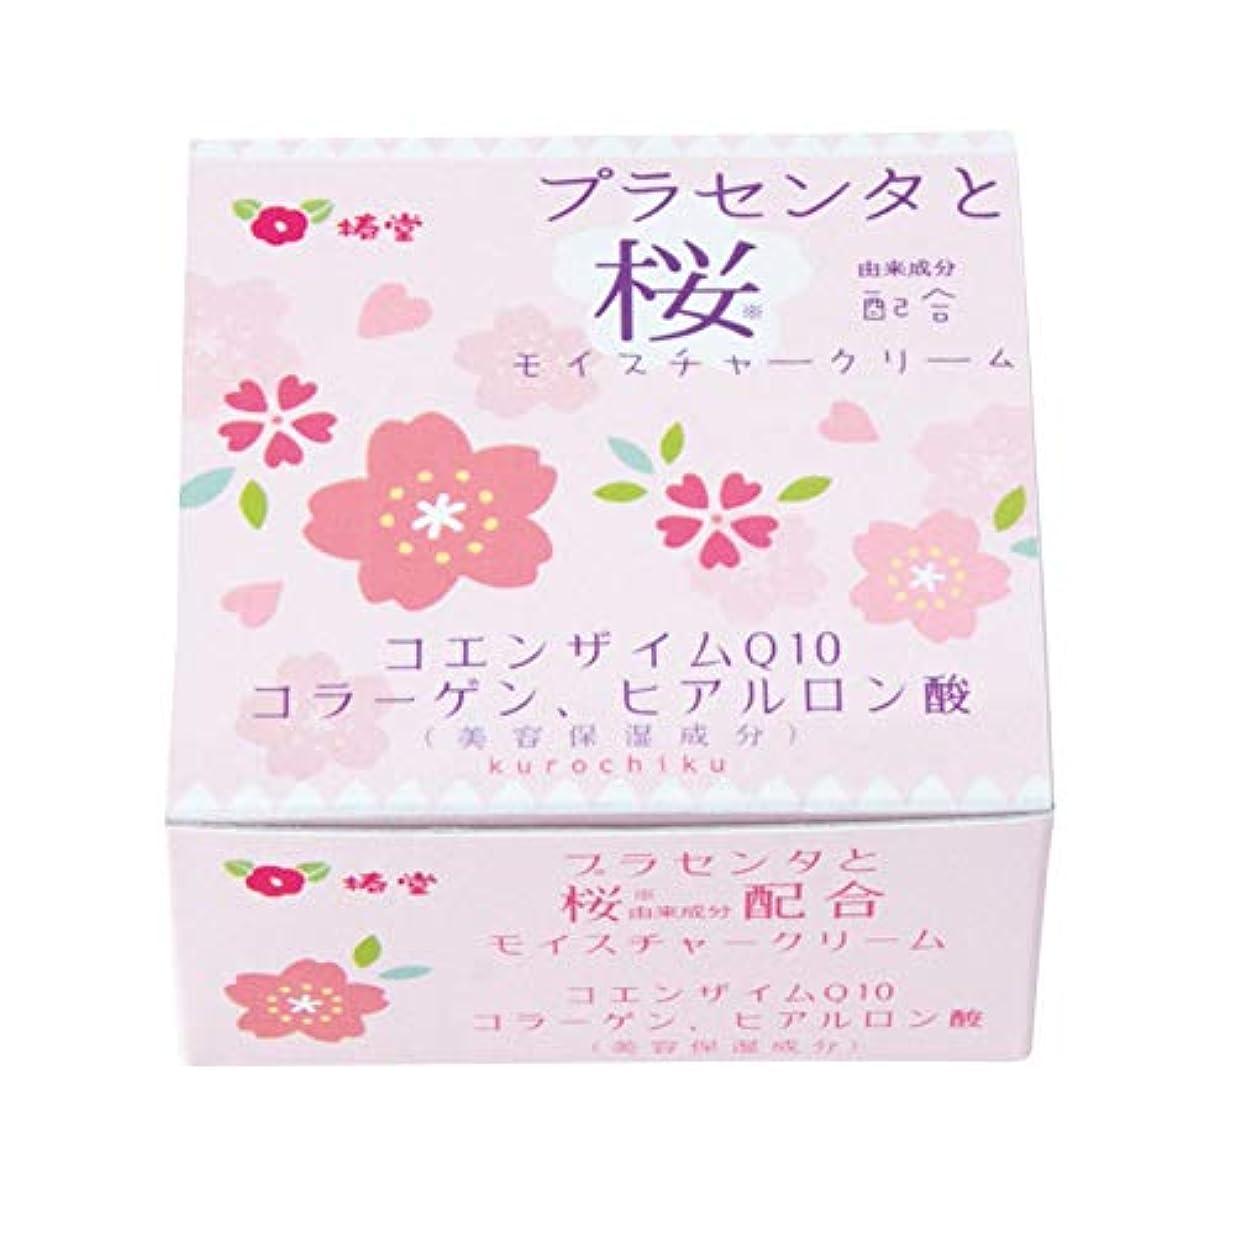 尾確かに検証椿堂 桜モイスチャークリーム (プラセンタと桜) 京都くろちく